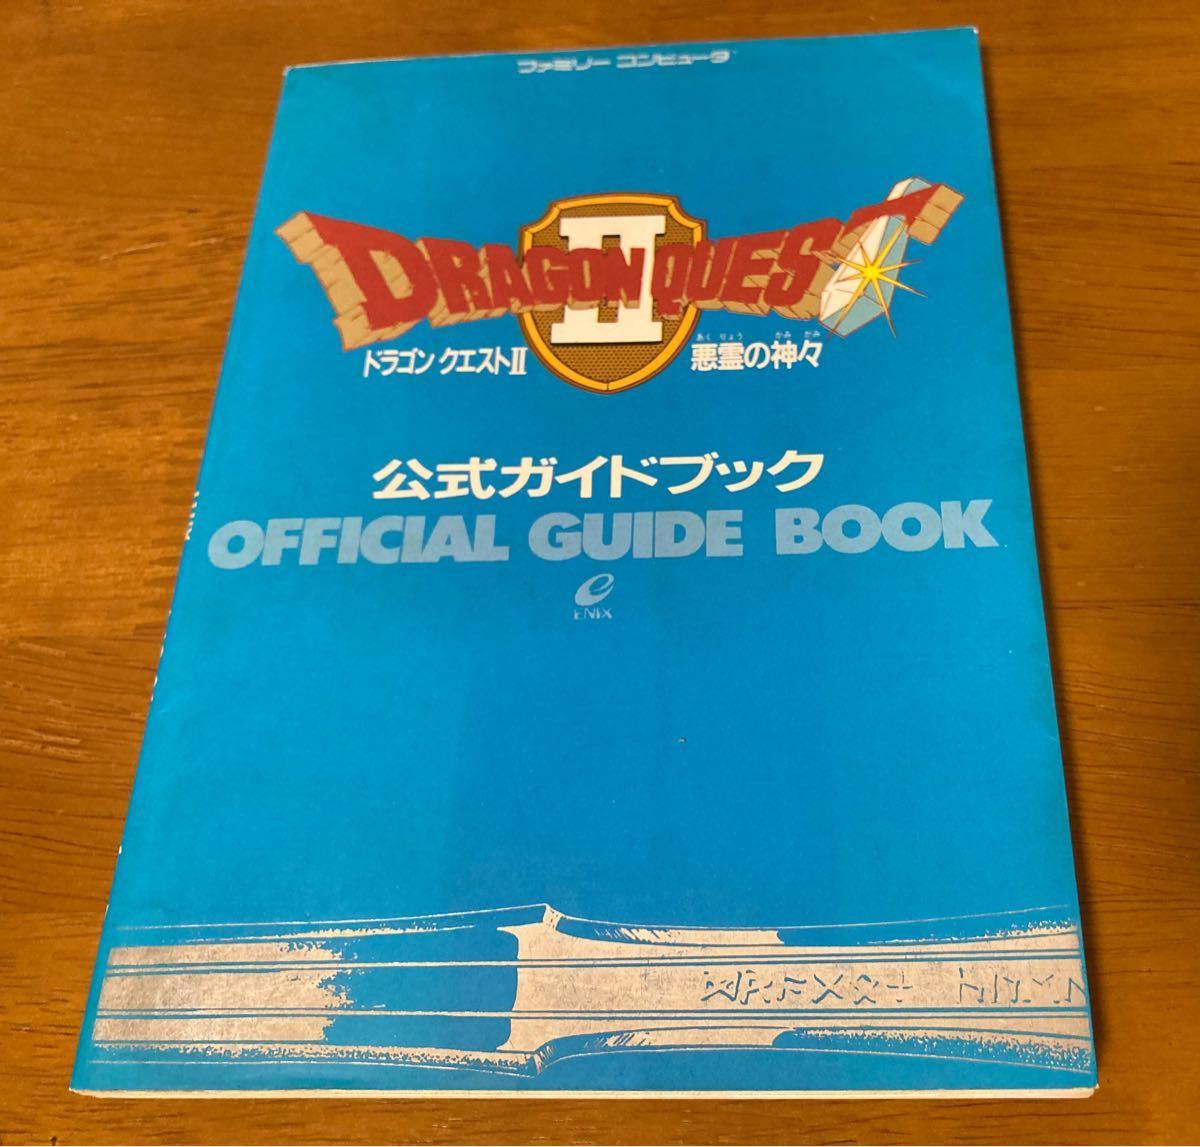 ドラゴンクエスト2 公式ガイドブック